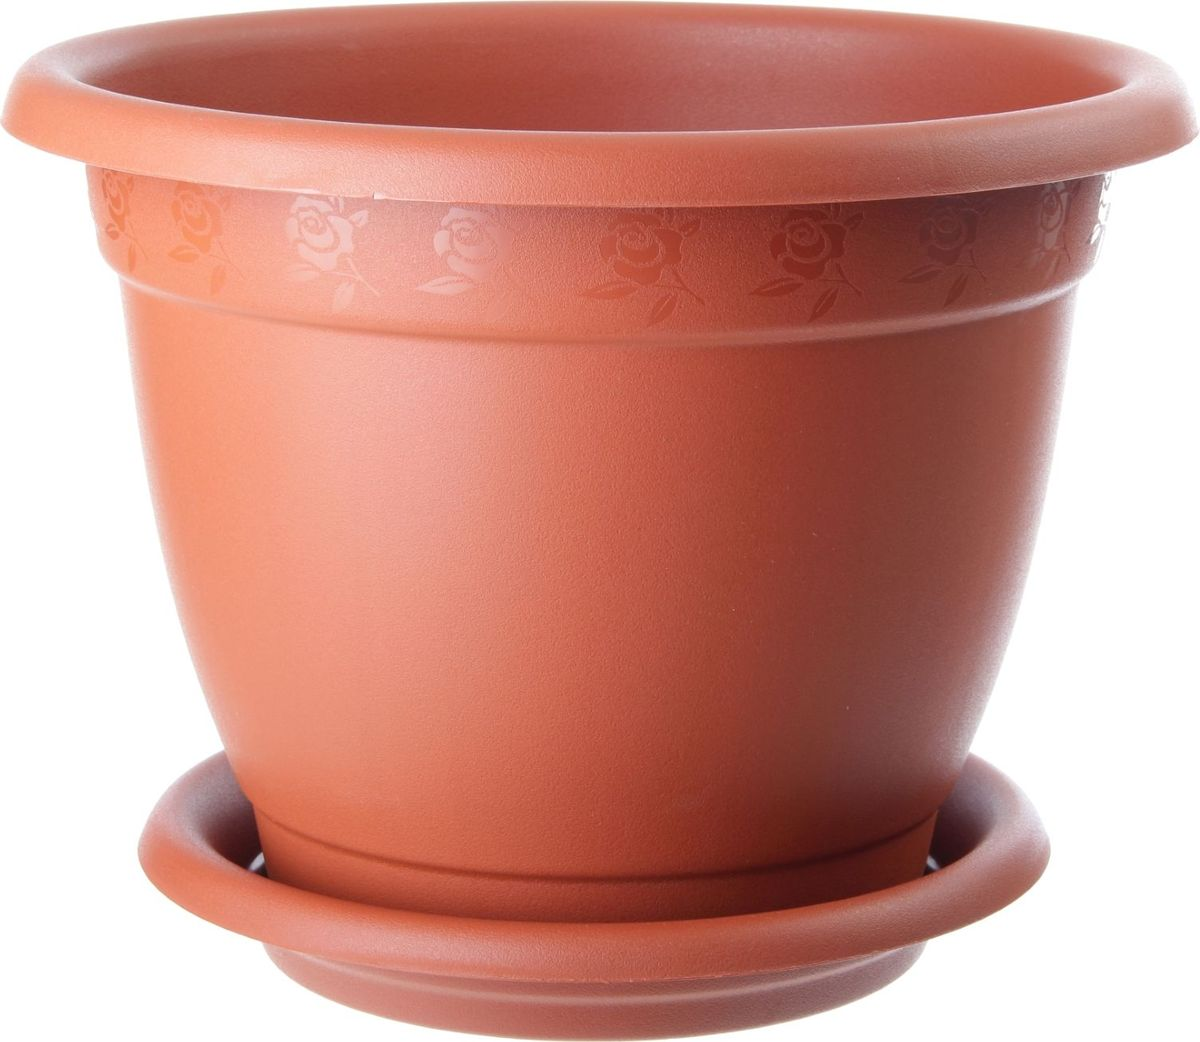 Горшок для цветов InGreen Борнео, с поддоном, цвет: терракотовый, диаметр 43 смING42043FТРЛюбой, даже самый современный и продуманный интерьер будет не завершенным без растений. Они не только очищают воздух и насыщают его кислородом, но и заметно украшают окружающее пространство. Такому полезному члену семьи просто необходимо красивое и функциональное кашпо, оригинальный горшок или необычная ваза! Мы предлагаем - Горшок для цветов d=43 см Борнео 22 л, с подставкой, цвет терракотовый! Оптимальный выбор материала - это пластмасса! Почему мы так считаем? Малый вес. С легкостью переносите горшки и кашпо с места на место, ставьте их на столики или полки, подвешивайте под потолок, не беспокоясь о нагрузке. Простота ухода. Пластиковые изделия не нуждаются в специальных условиях хранения. Их легко чистить достаточно просто сполоснуть теплой водой. Никаких царапин. Пластиковые кашпо не царапают и не загрязняют поверхности, на которых стоят. Пластик дольше хранит влагу, а значит растение реже нуждается в поливе. Пластмасса не пропускает воздух корневой системе растения не грозят резкие перепады температур. Огромный выбор форм, декора и расцветок вы без труда подберете что-то, что идеально впишется в уже существующий интерьер. Соблюдая нехитрые правила ухода, вы можете заметно продлить срок службы горшков, вазонов и кашпо из пластика: всегда учитывайте размер кроны и корневой системы растения (при разрастании большое растение способно повредить маленький горшок) берегите изделие от воздействия прямых солнечных лучей, чтобы кашпо и горшки не выцветали держите кашпо и горшки из пластика подальше от нагревающихся поверхностей. Создавайте прекрасные цветочные композиции, выращивайте рассаду или необычные растения, а низкие цены позволят вам не ограничивать себя в выборе.